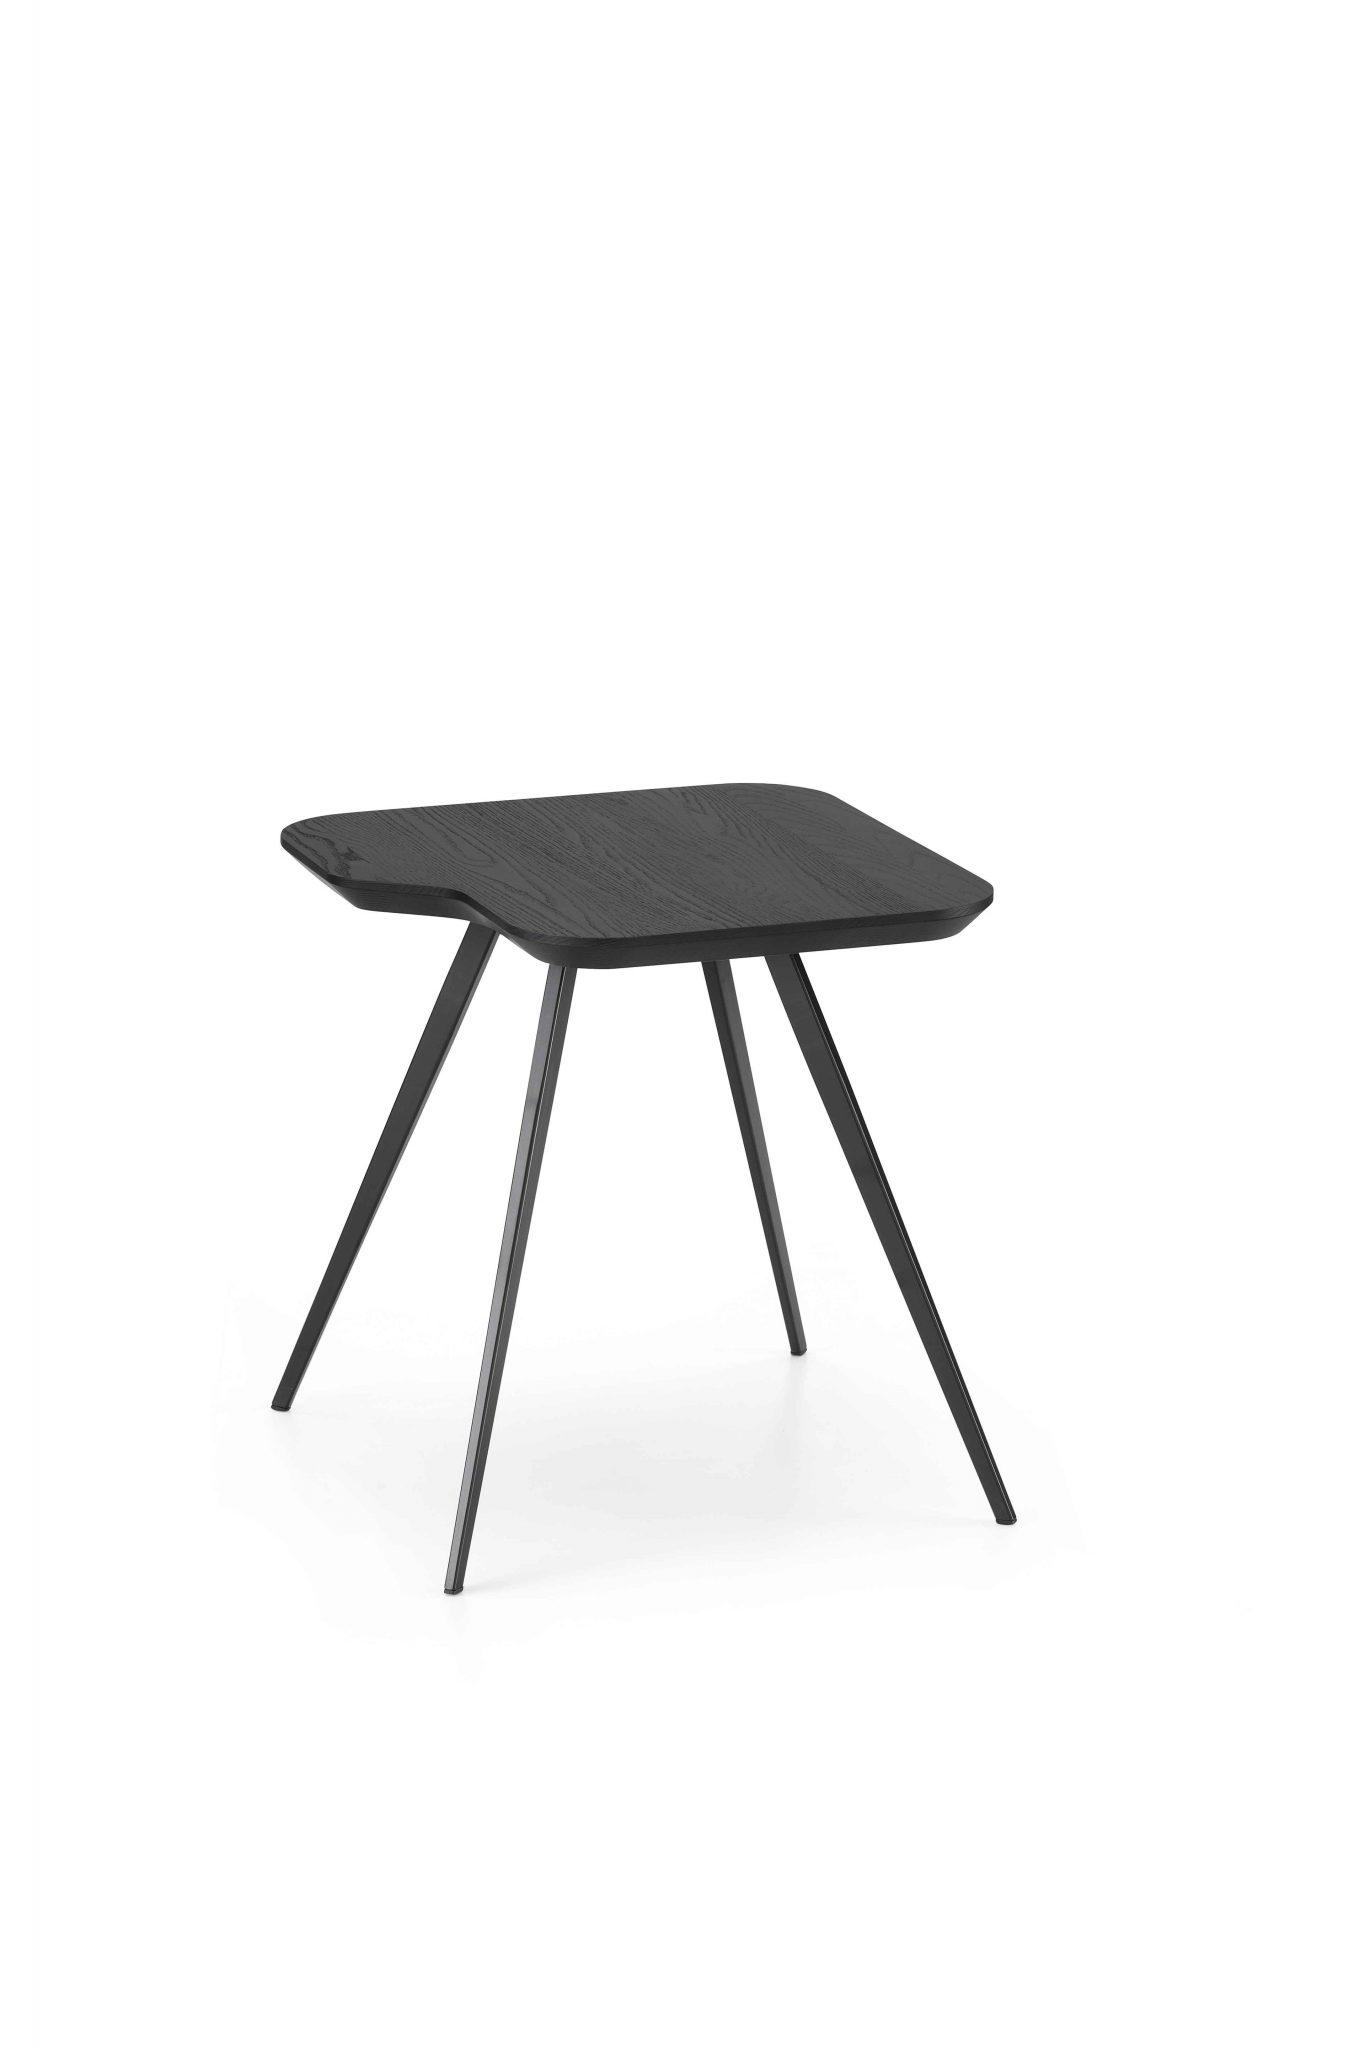 00102-MET--AKY-Small-Met-metal-base-and-wood-ash-top,-base-in-metal-and-floor-in-ash-solid